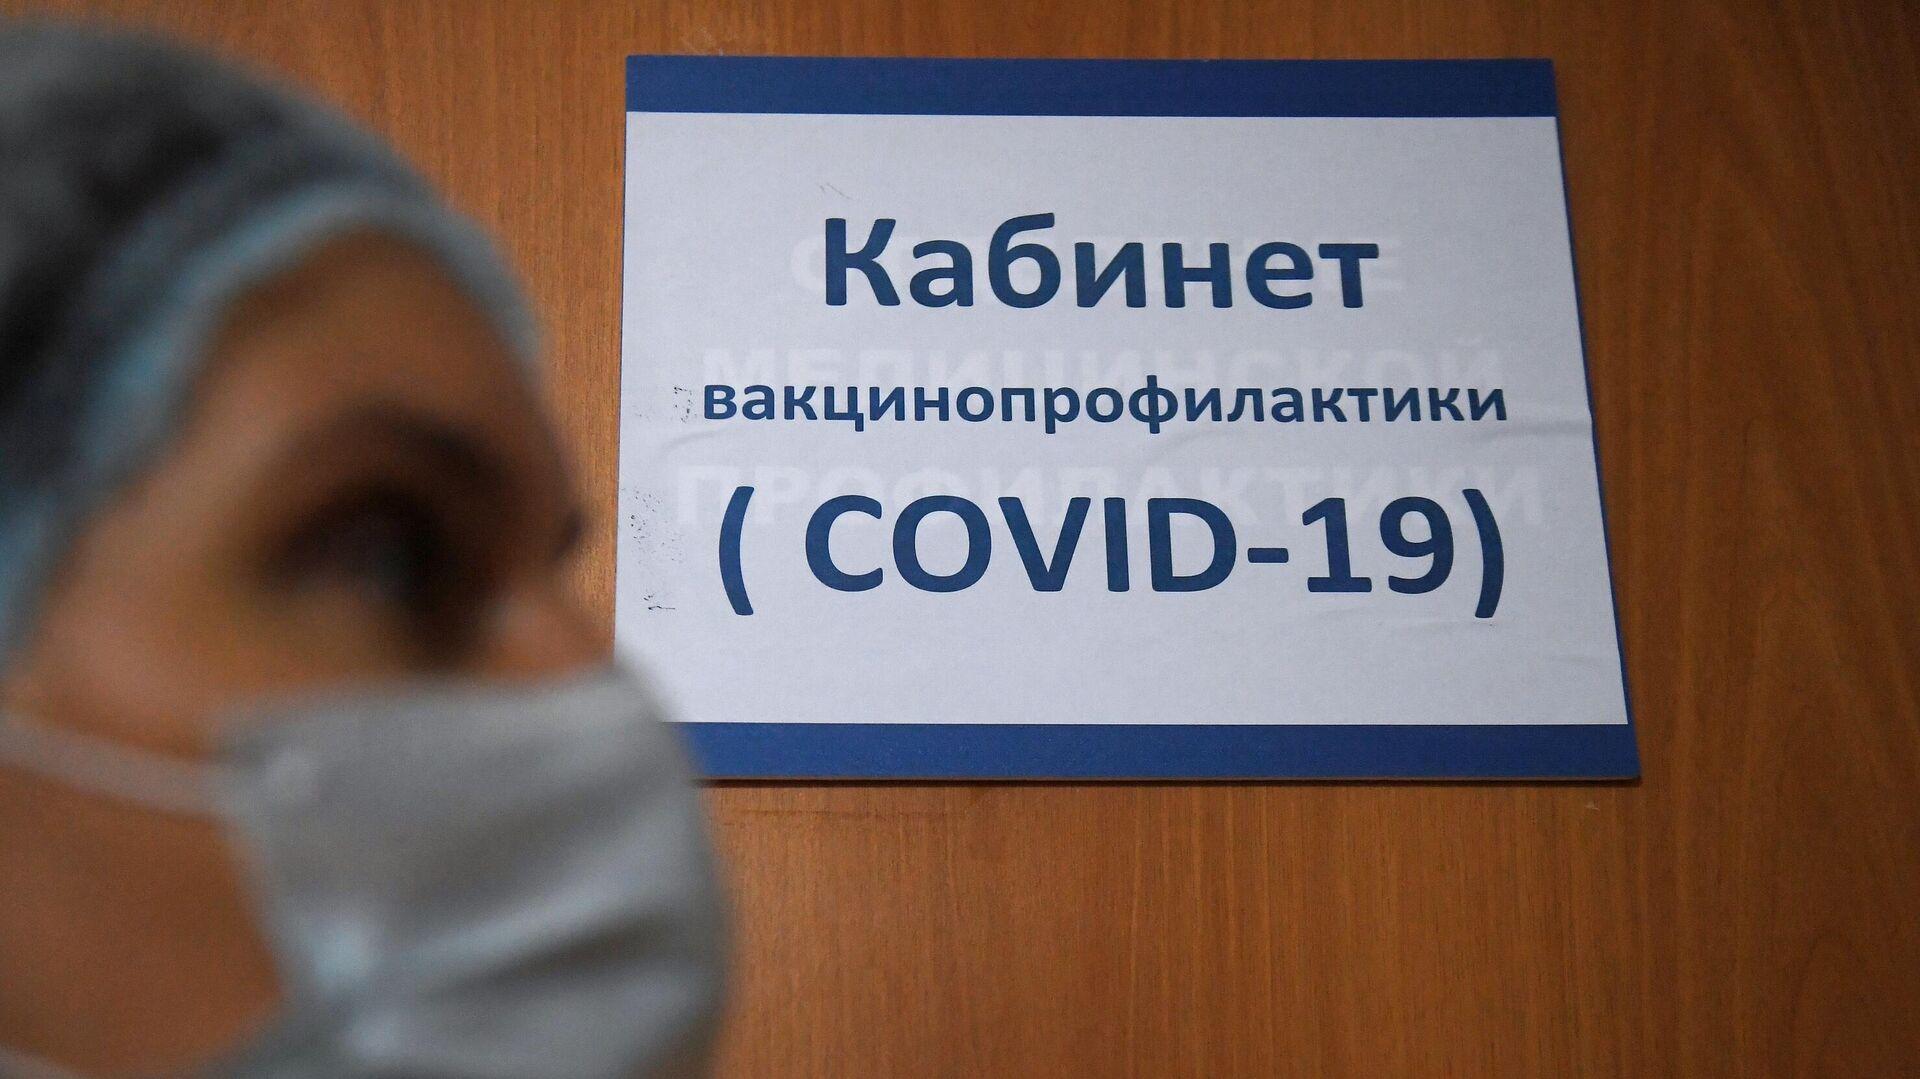 Медицинский работник у кабинета вакцинопрофилактики - РИА Новости, 1920, 28.11.2020